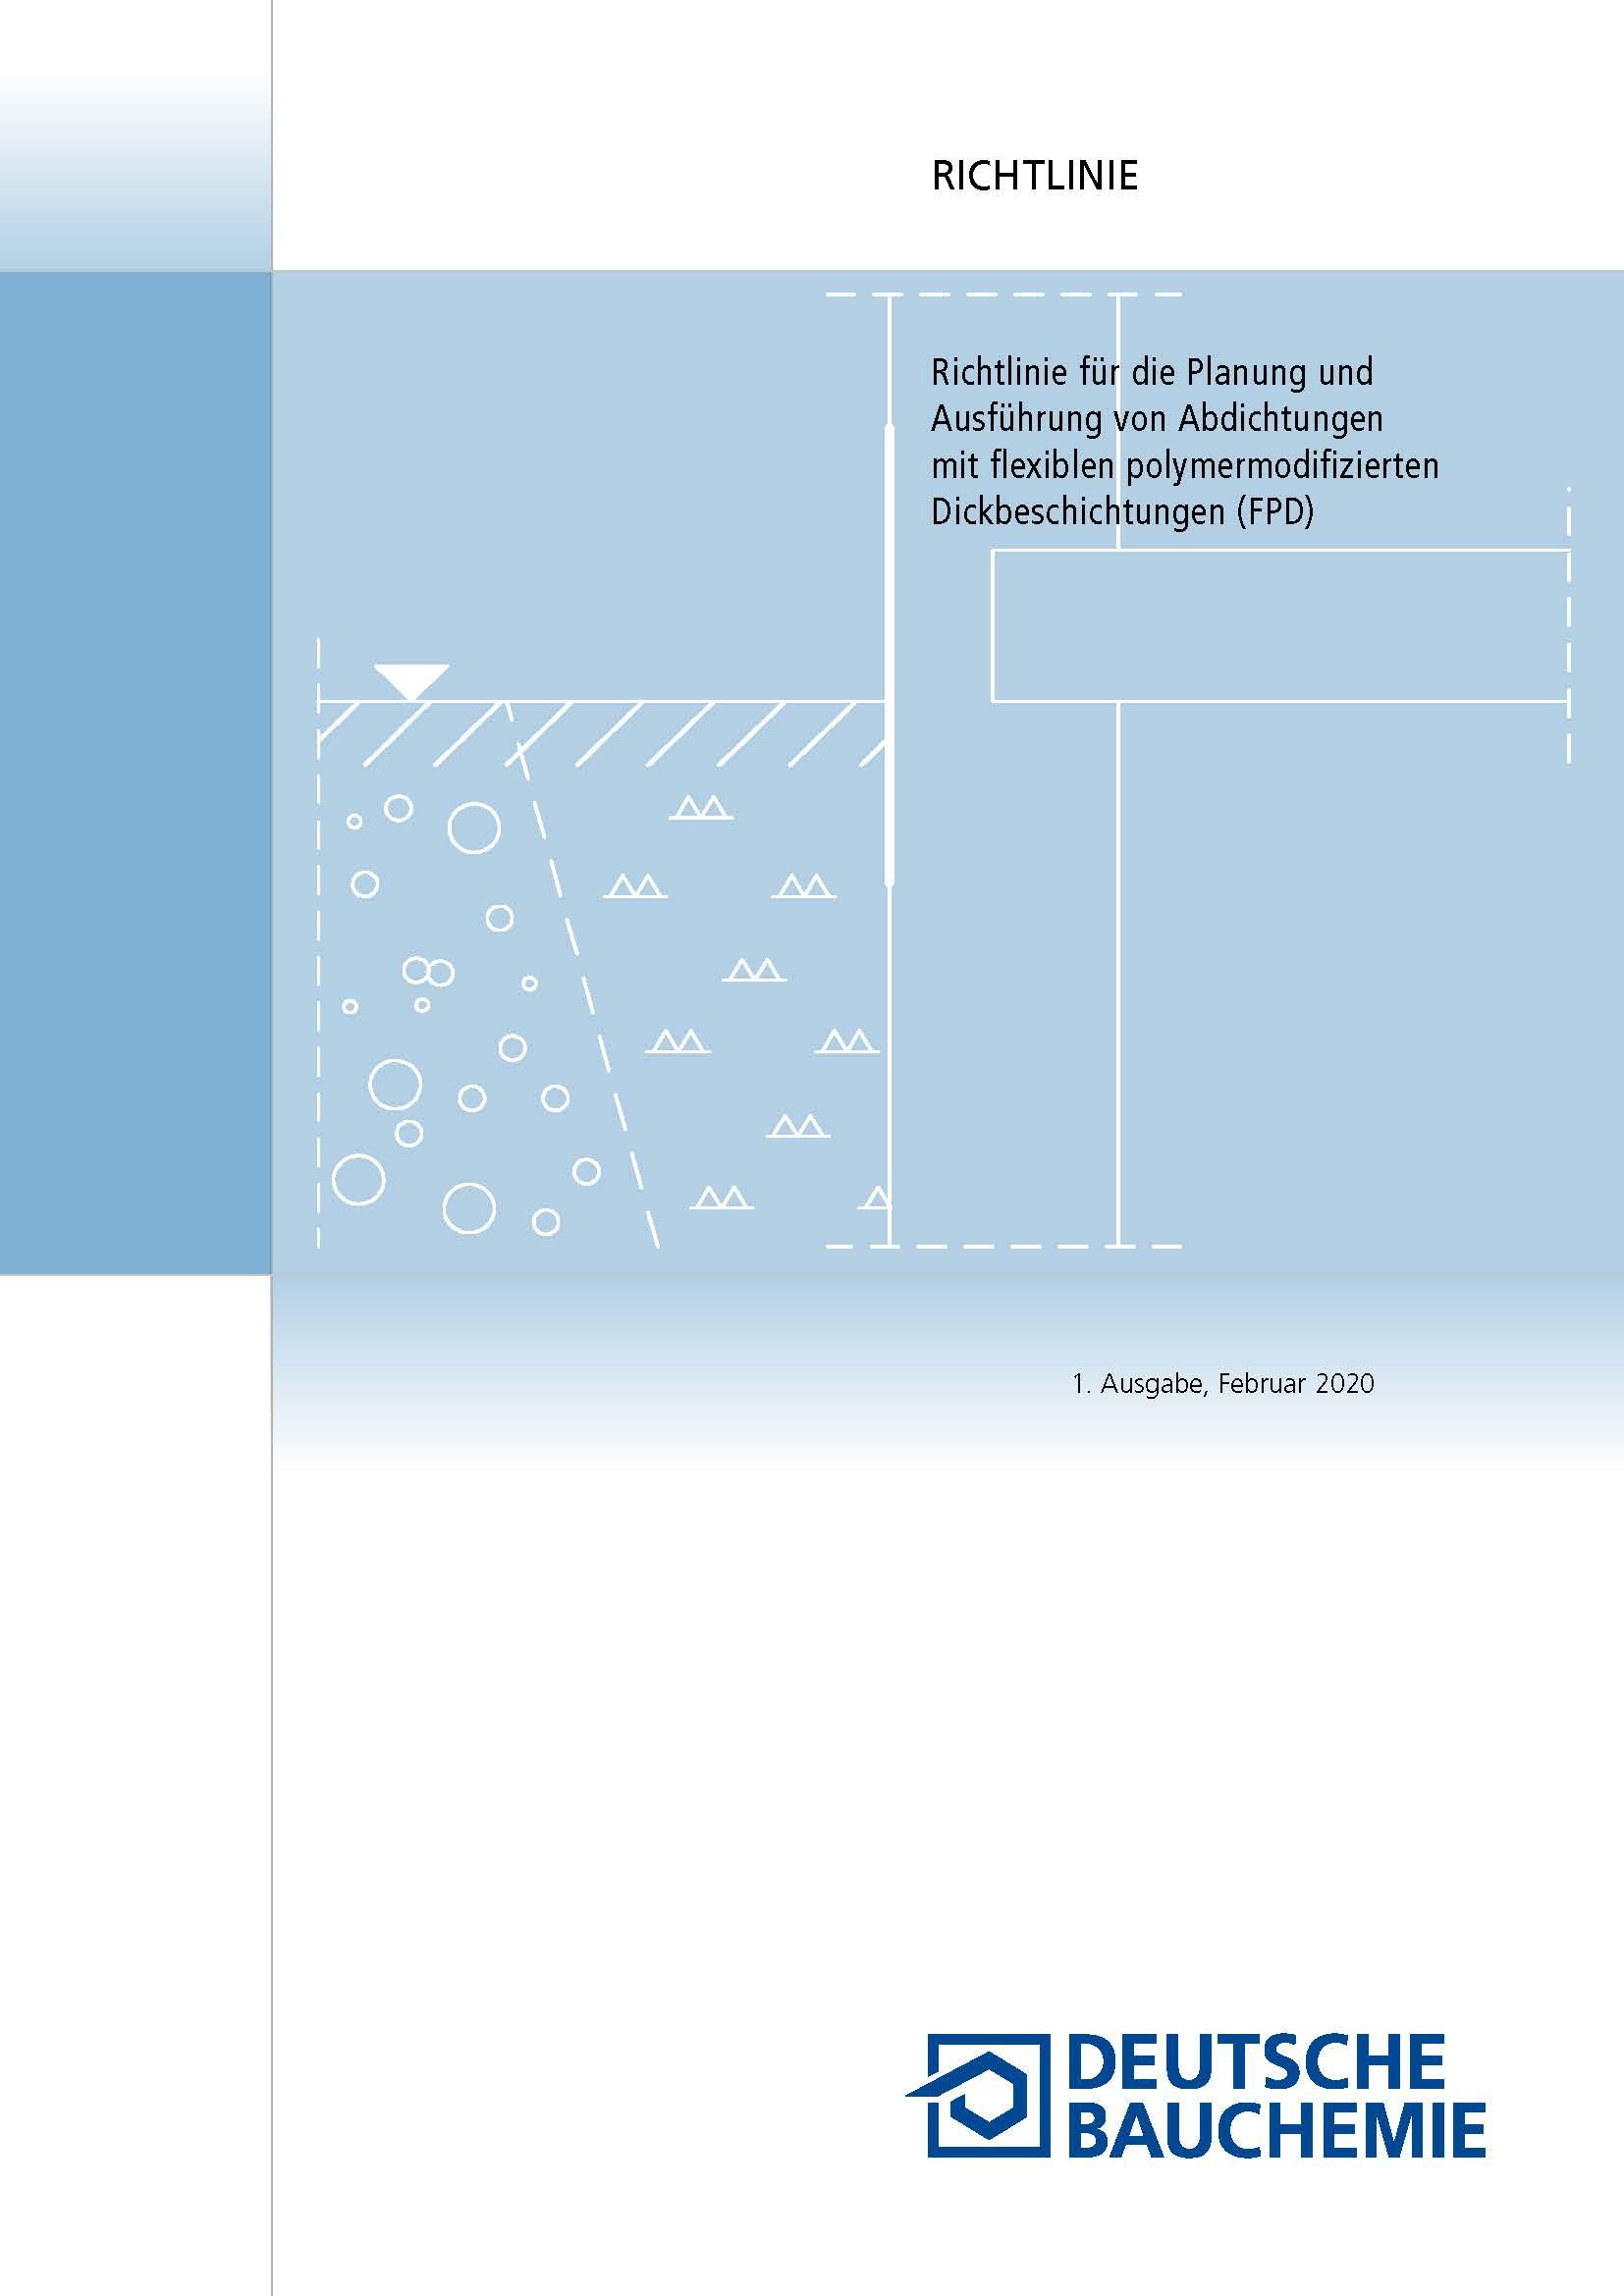 Deutsche Bauchemie: FPD-Richtlinie 2020